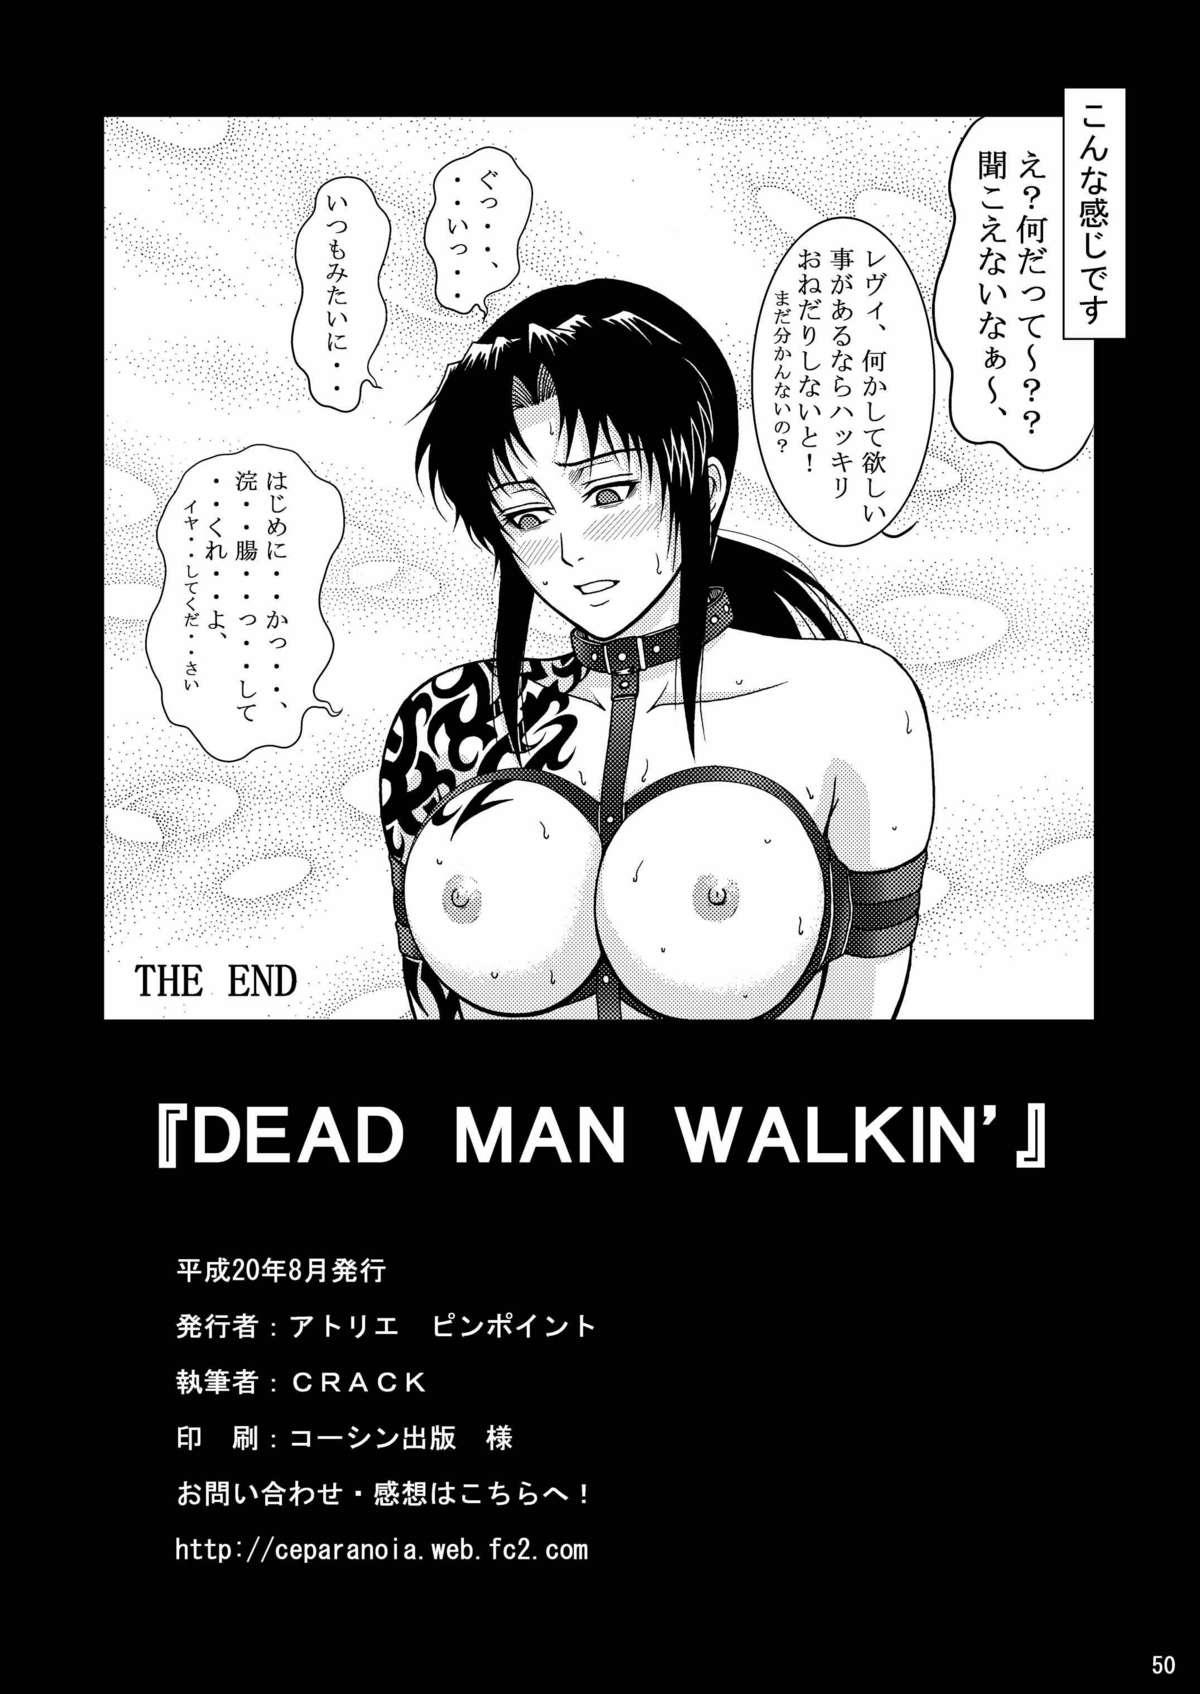 DEAD MAN WALKIN' 46